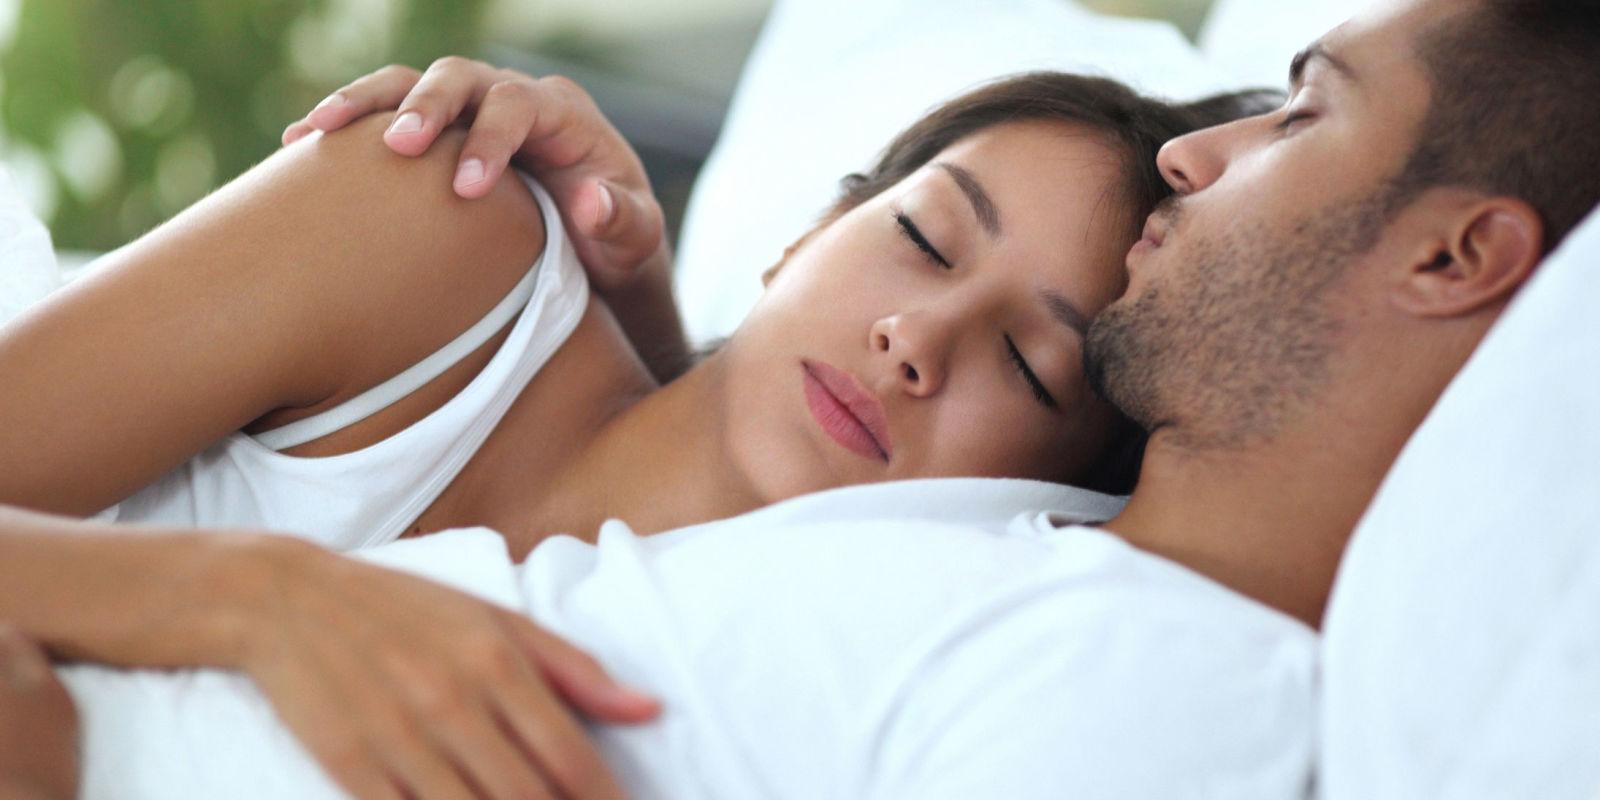 Dormire insieme i segnali che ti dicono che innamorato - Come dominare un uomo a letto ...